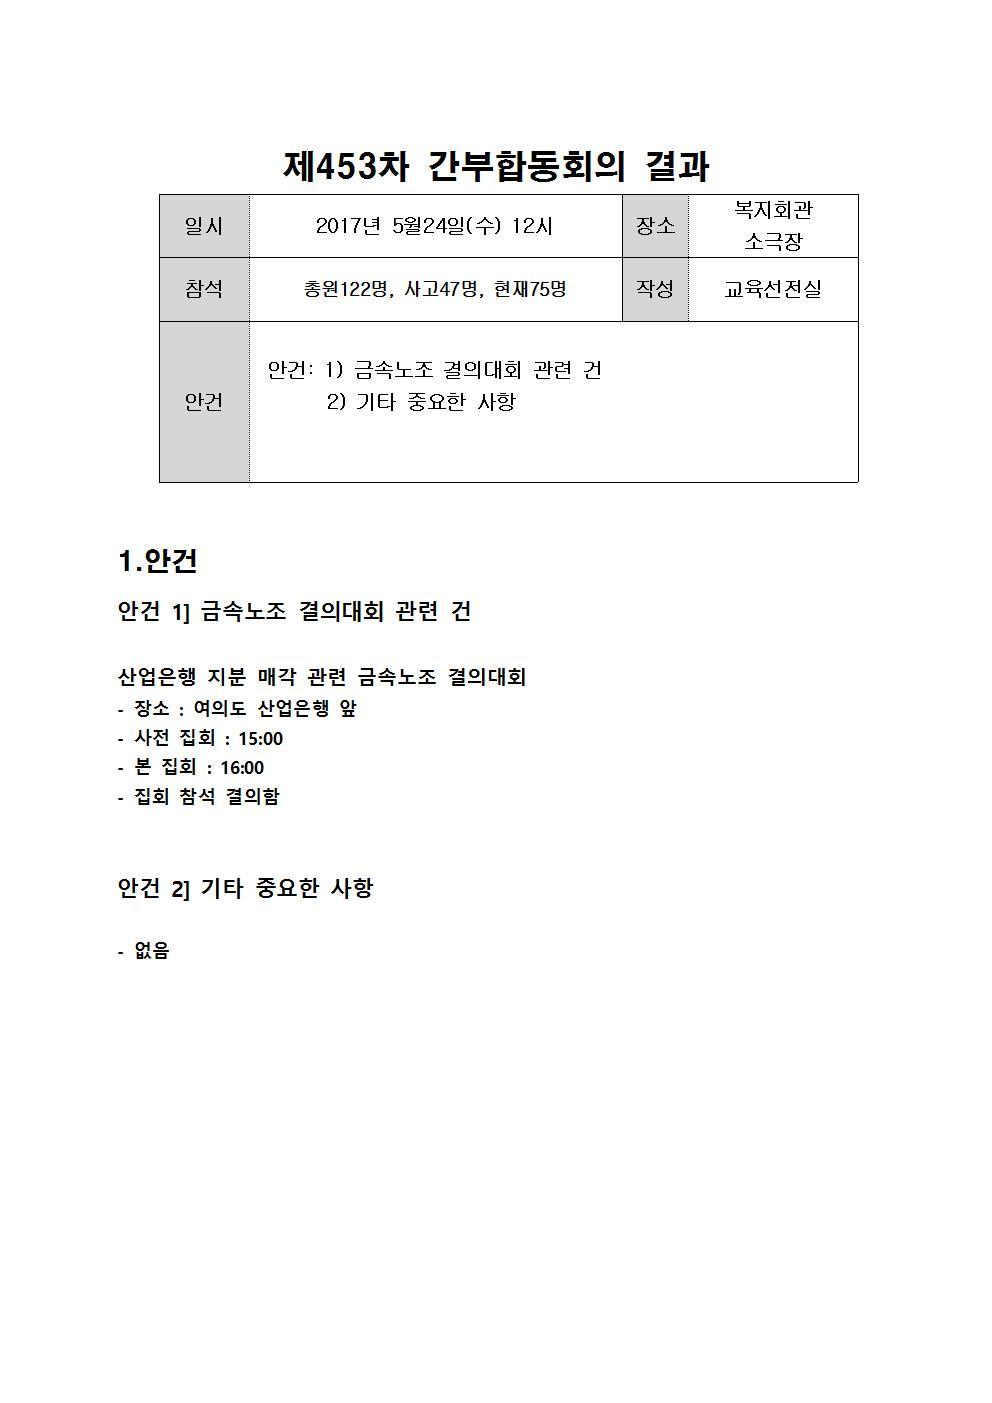 제453차 간부합동회의 결과001.jpg